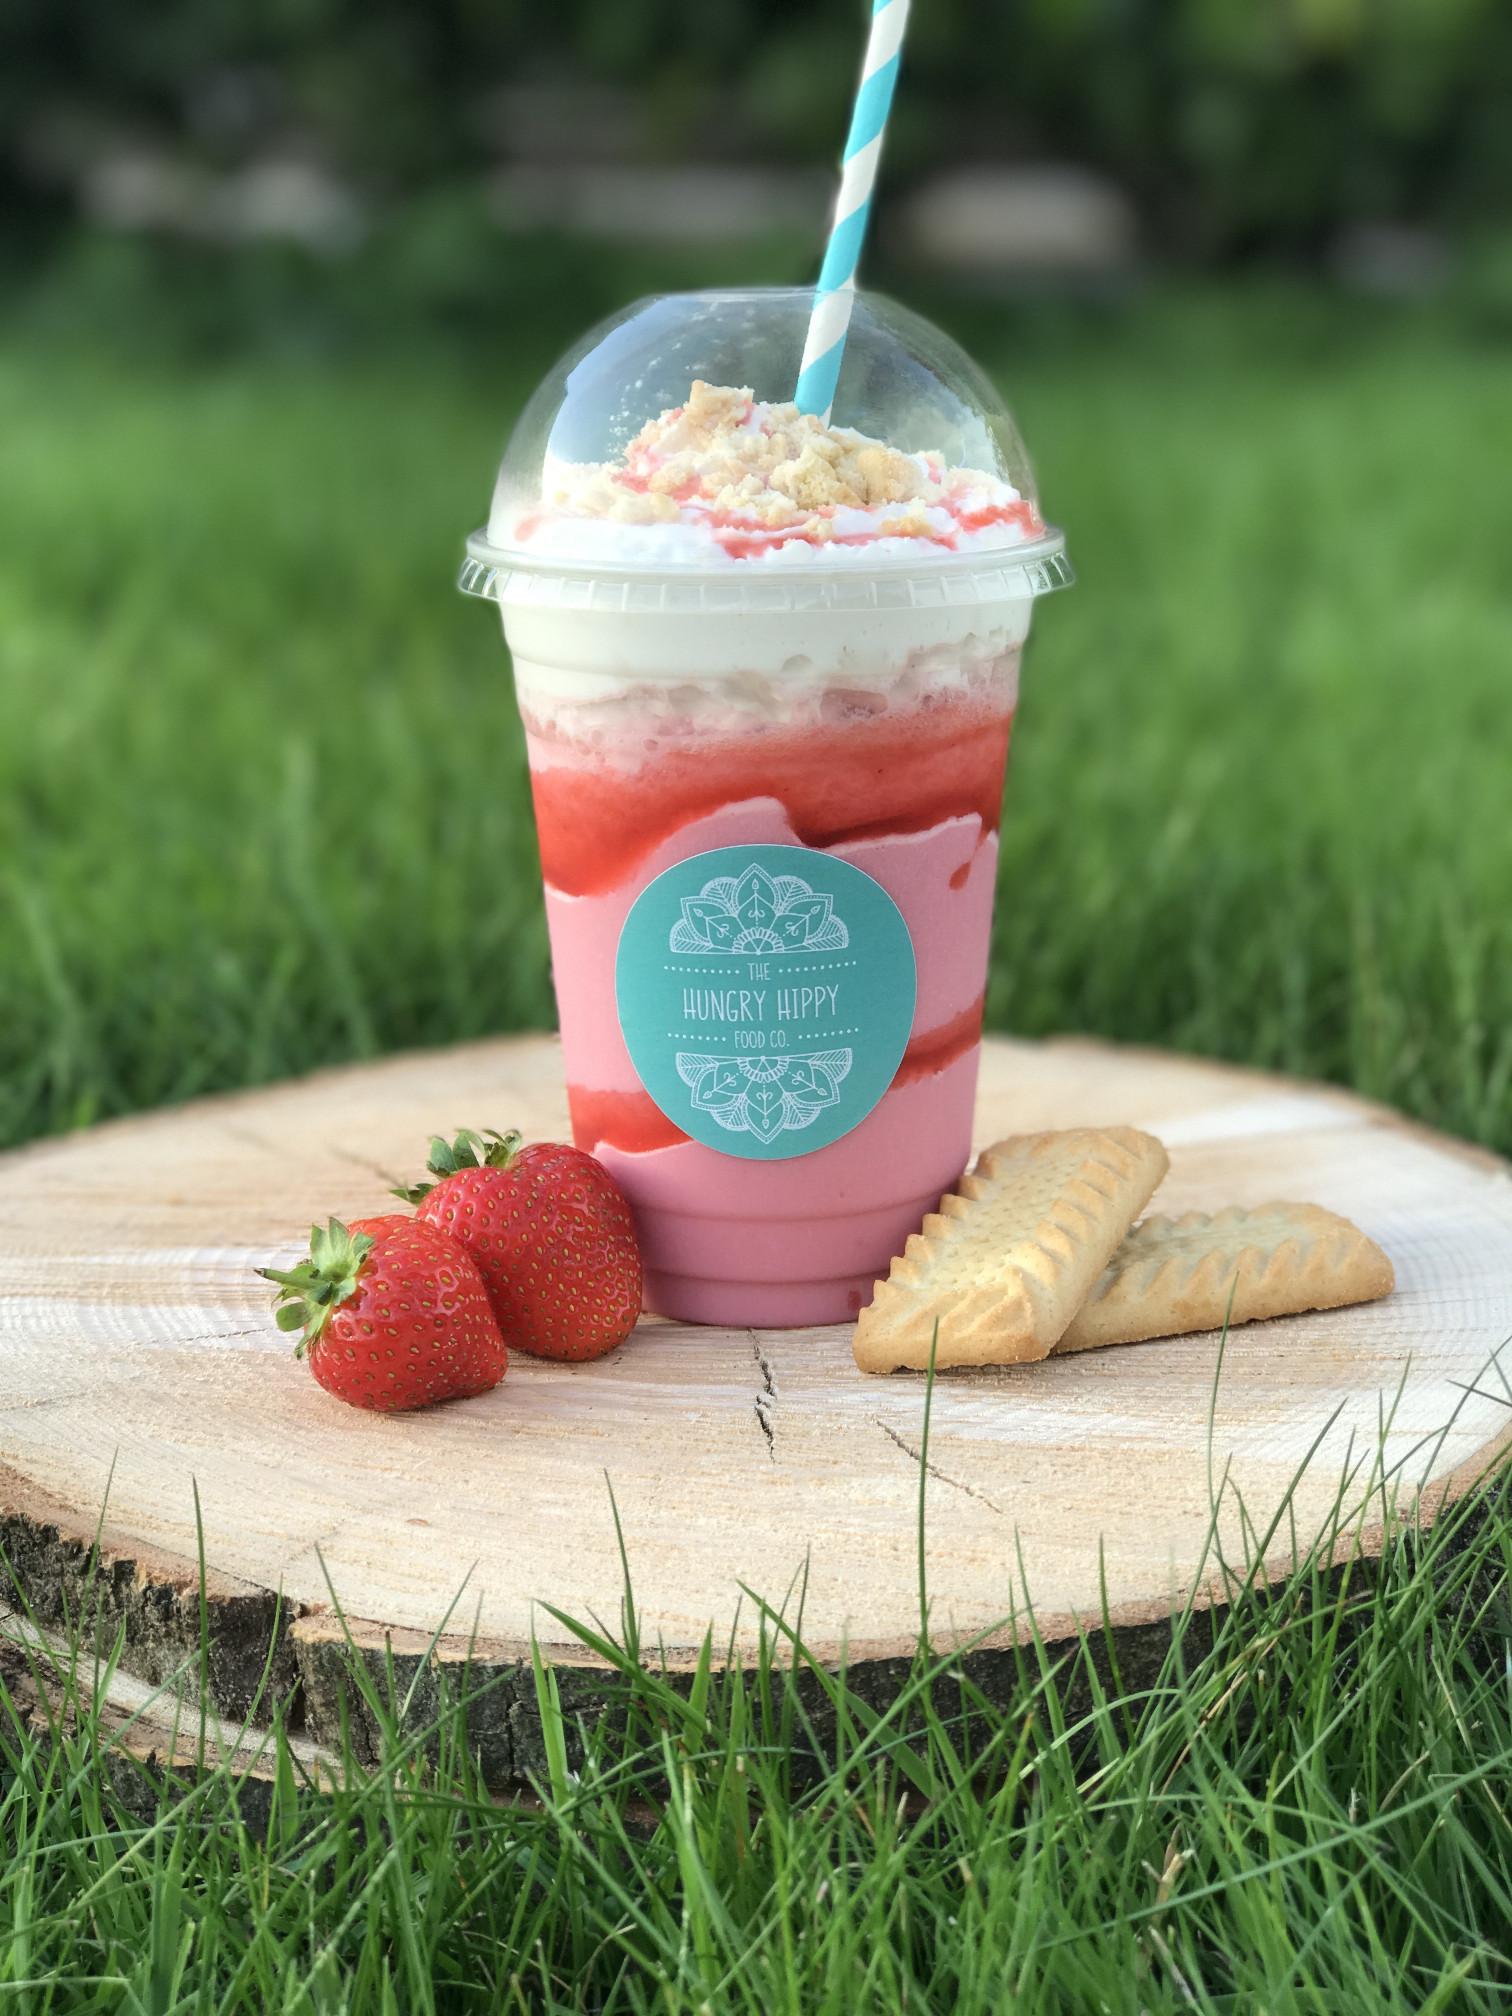 Hungry Hippy Strawberry Milkshake